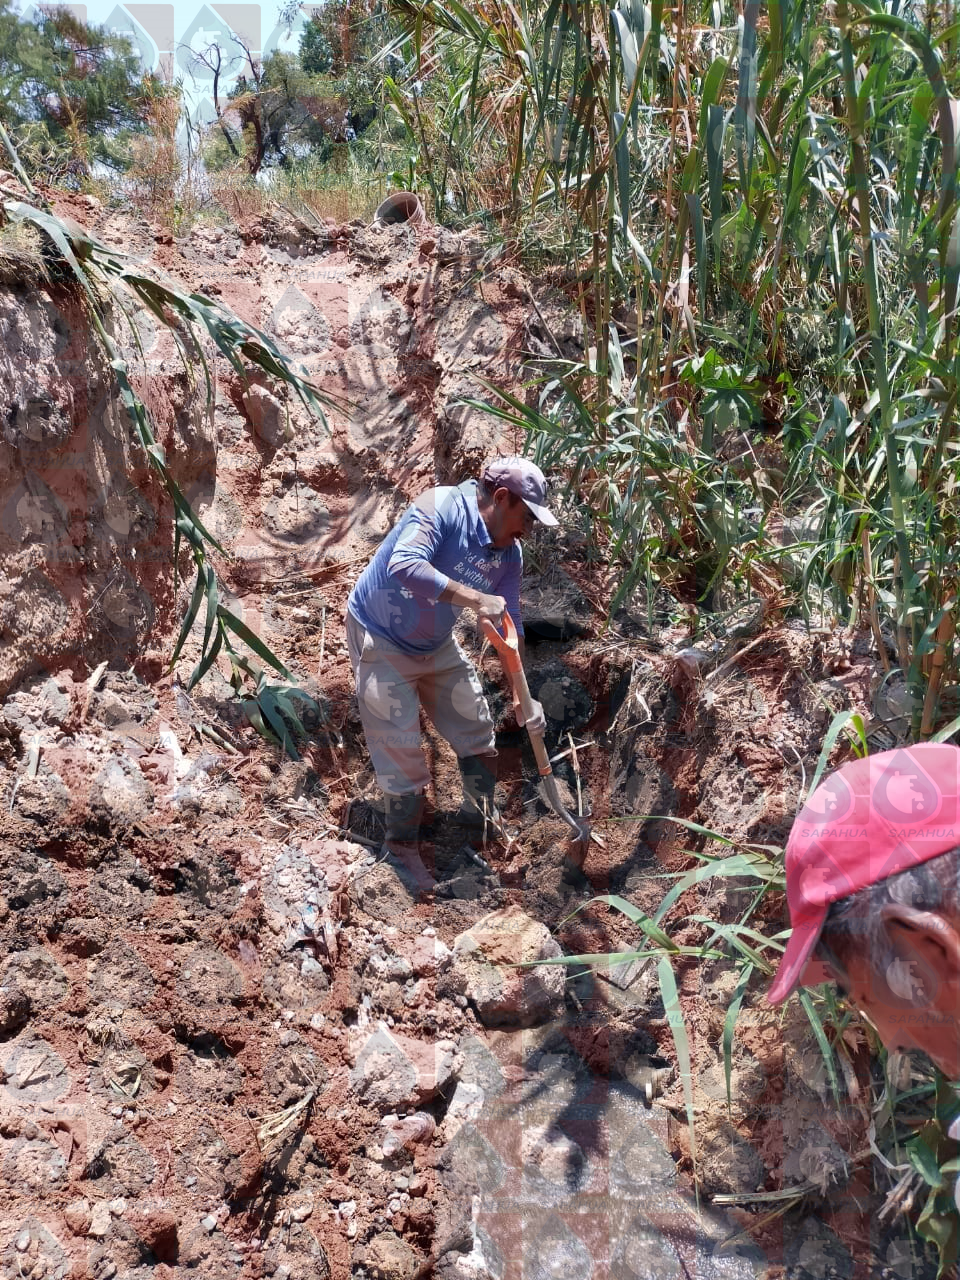 Reparación de la línea de drenaje en c. Río Salado con Río Mixteco, col. San Isidro Oriente   Mes: Abril